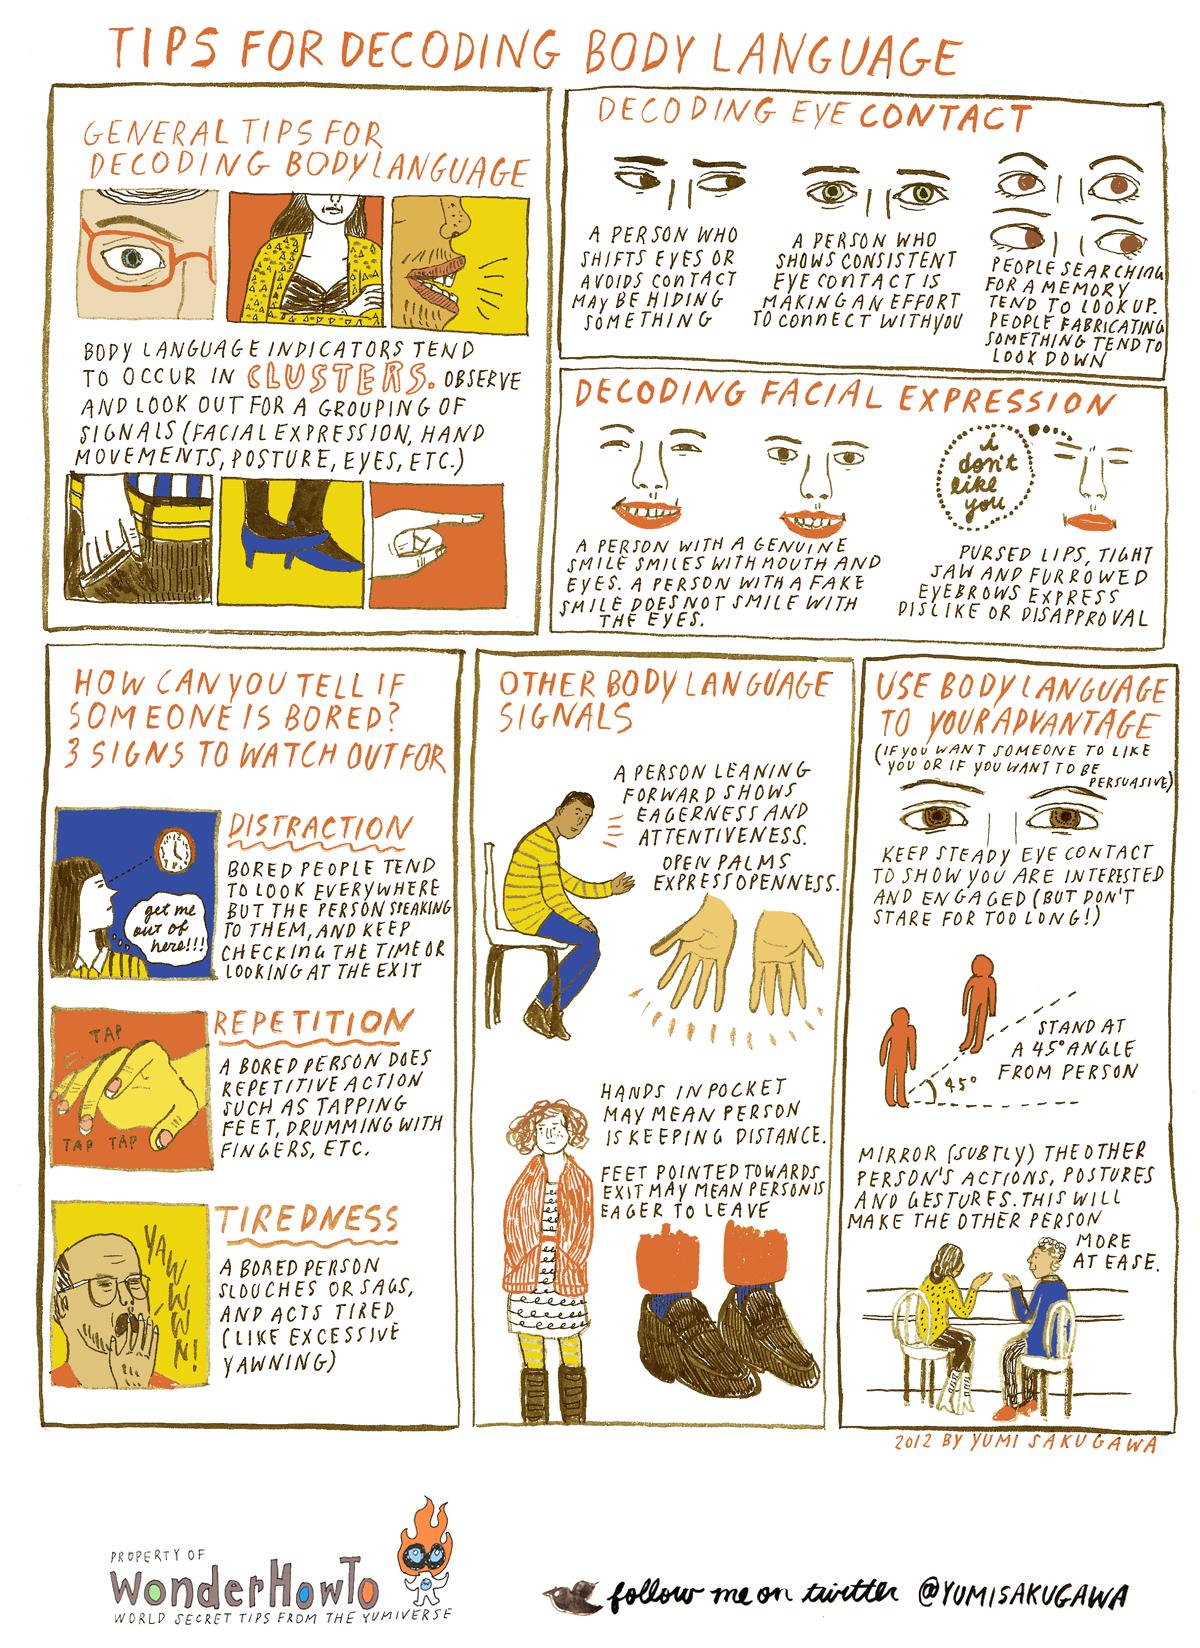 Body language III | PEPEGINS